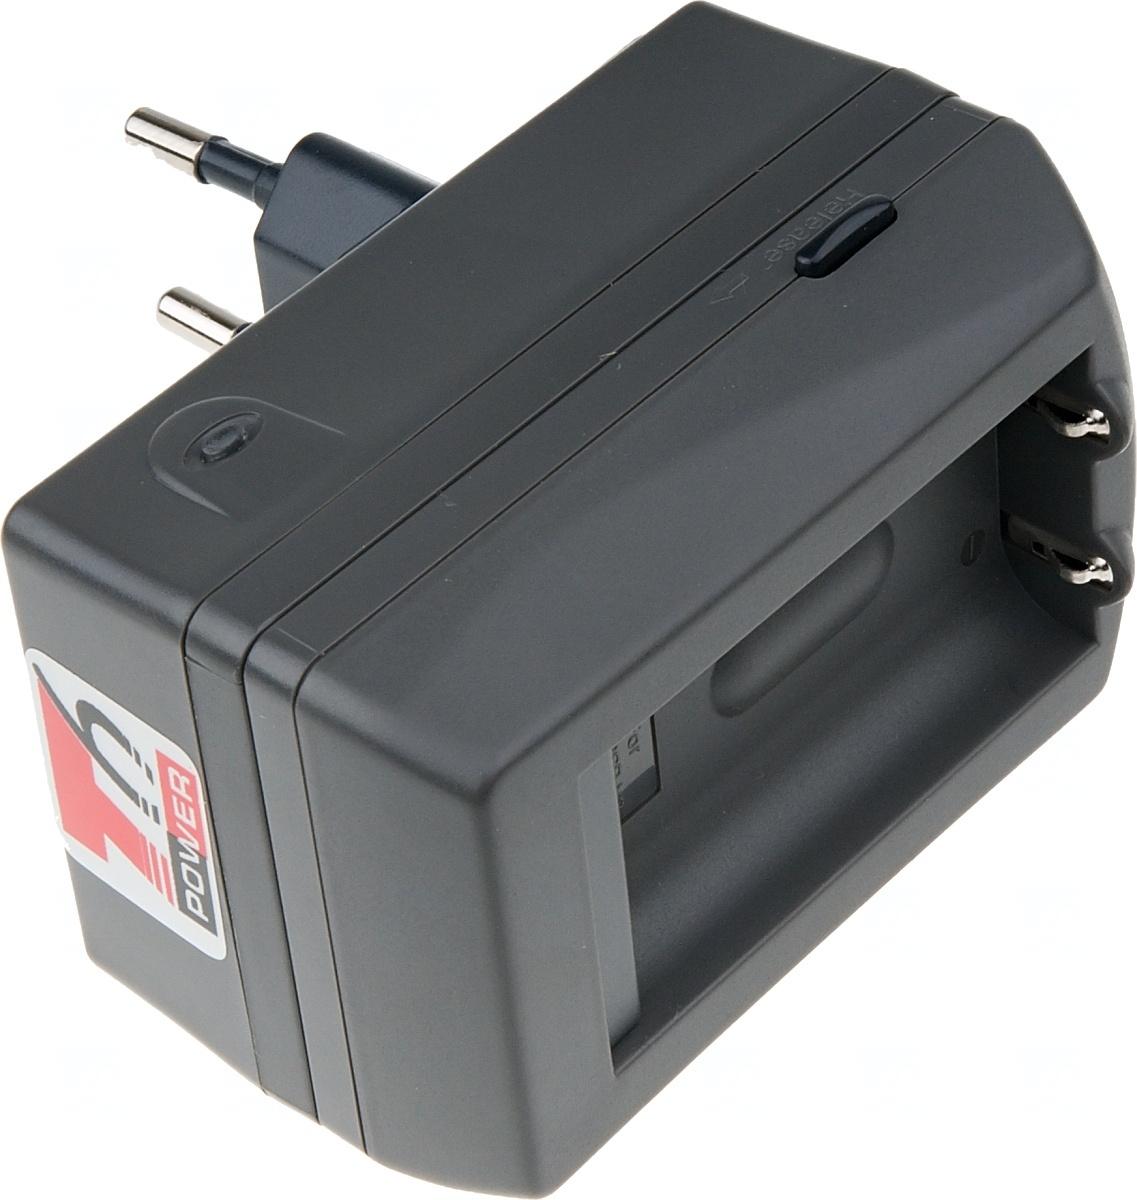 Nabíječka T6 power RCRV3, CRV3, CR-V3, LB01, LB-01